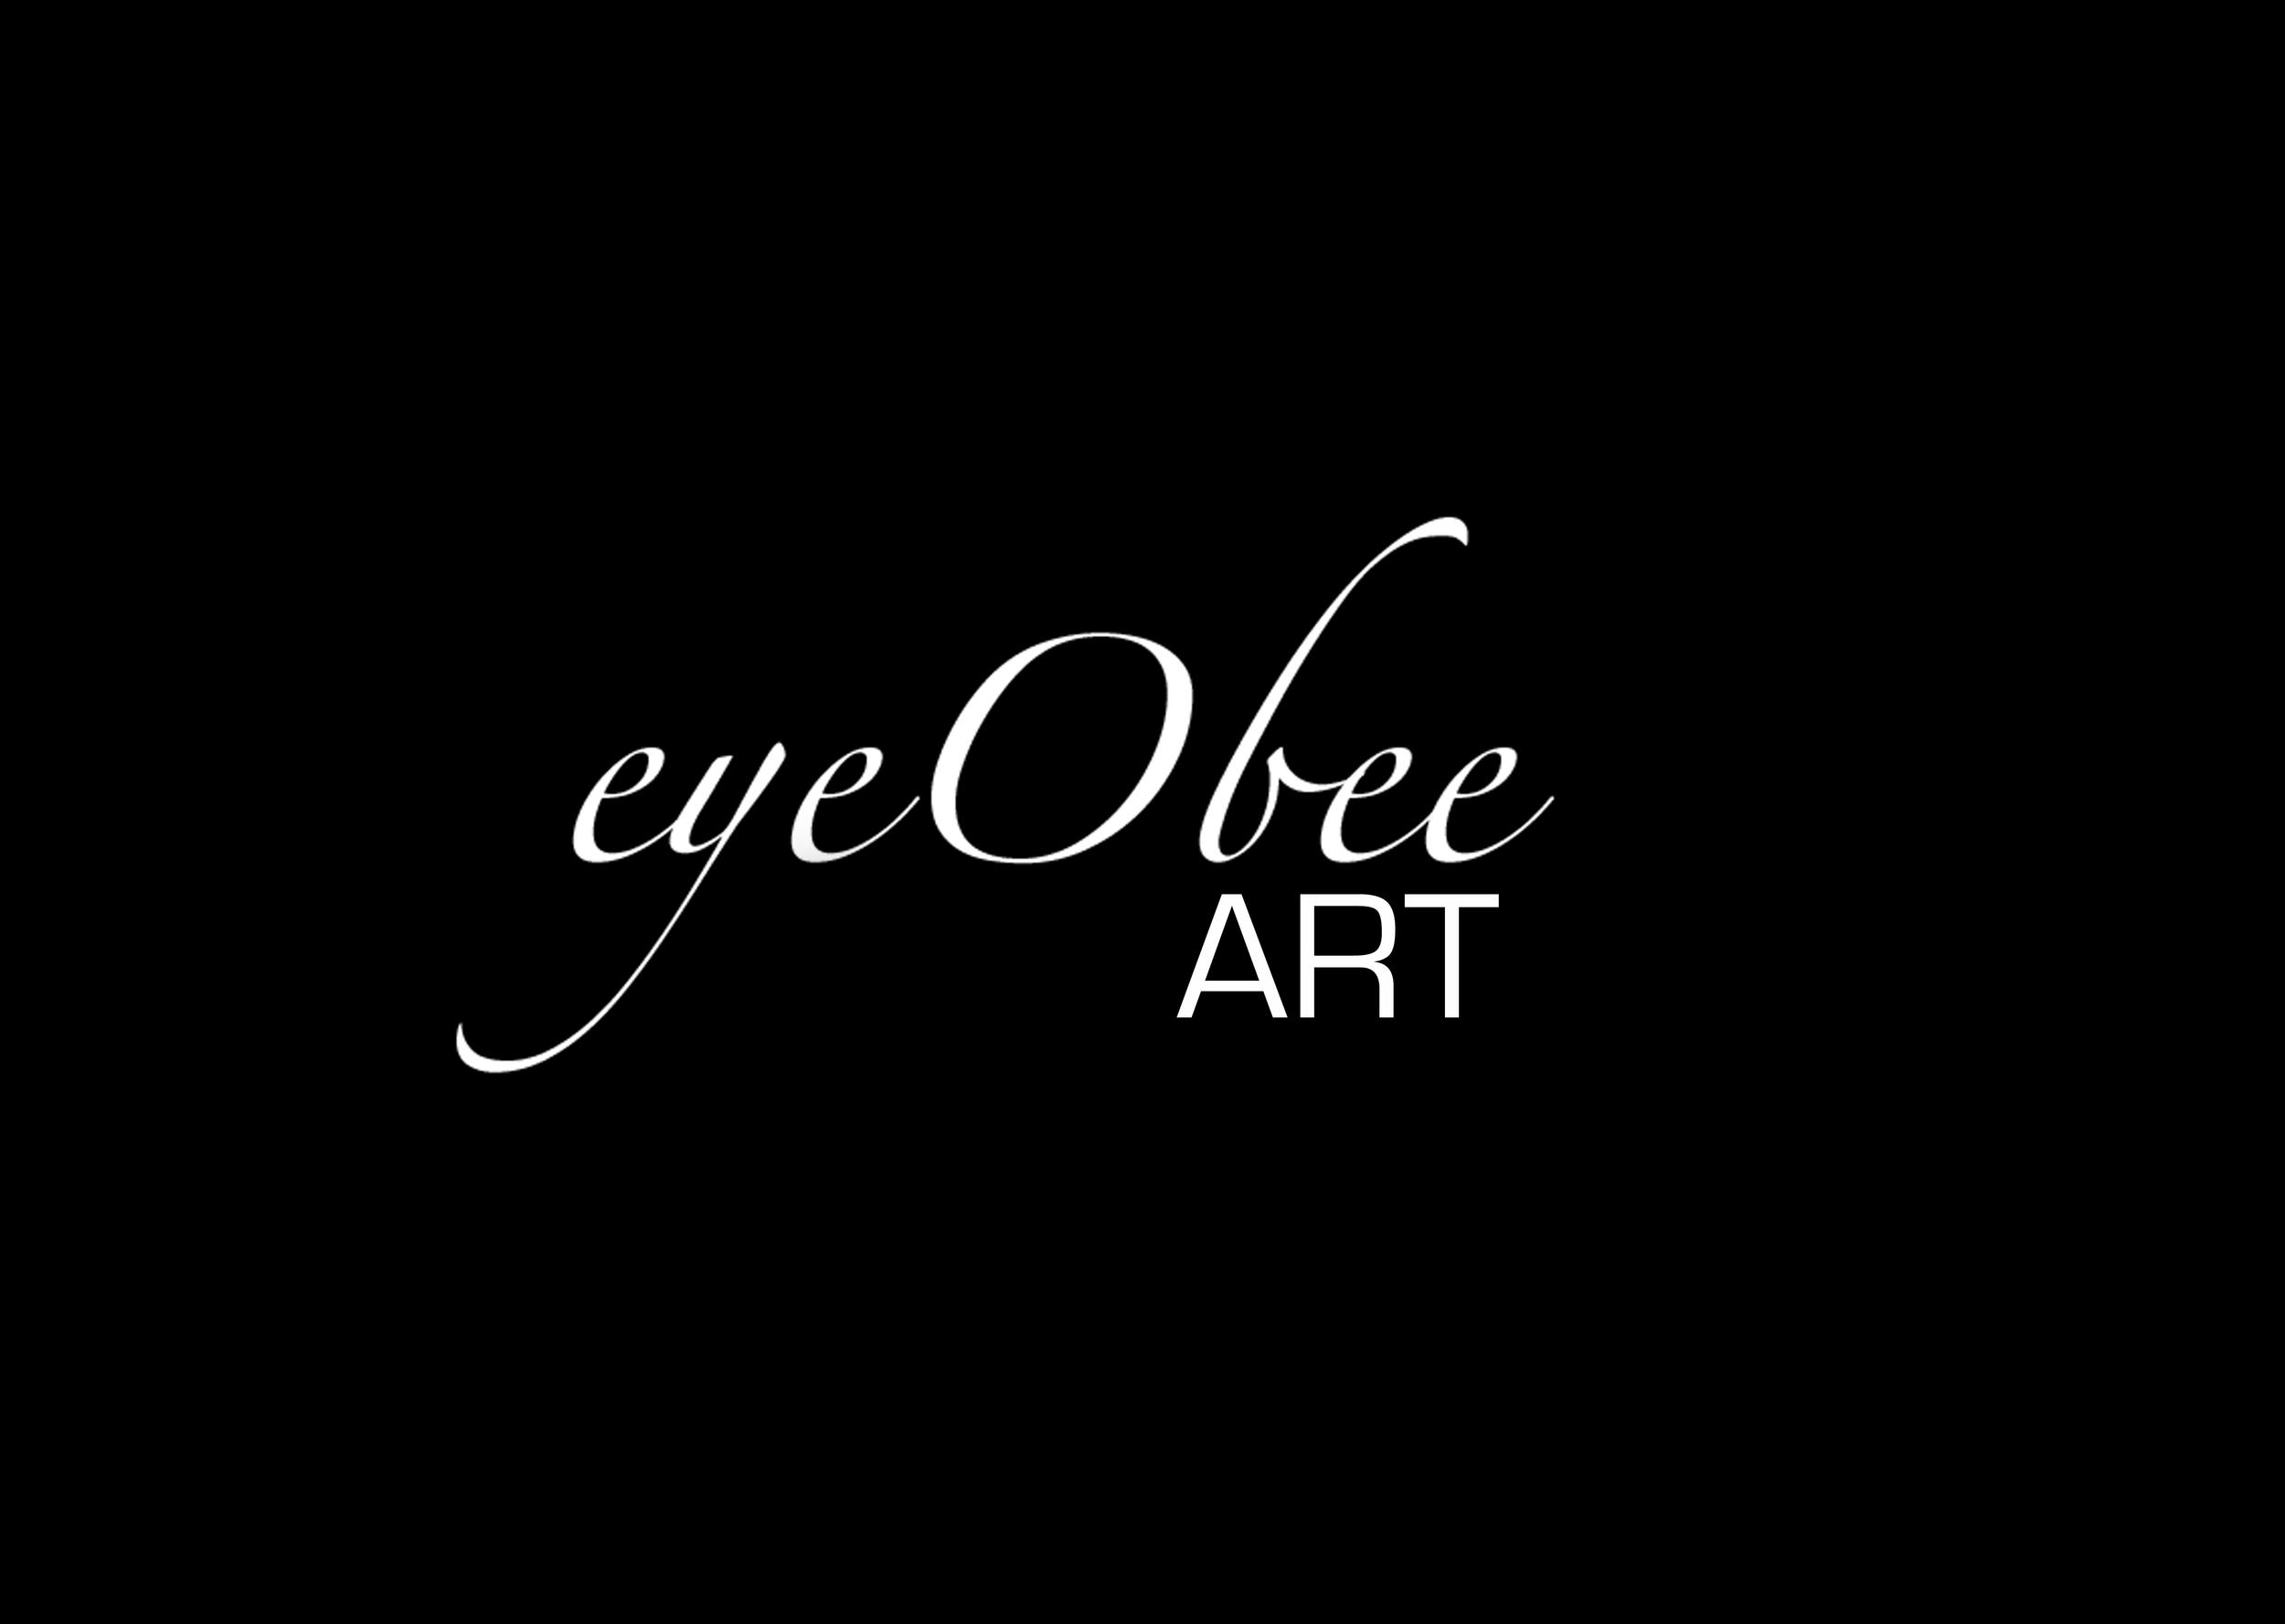 eyeobeeart